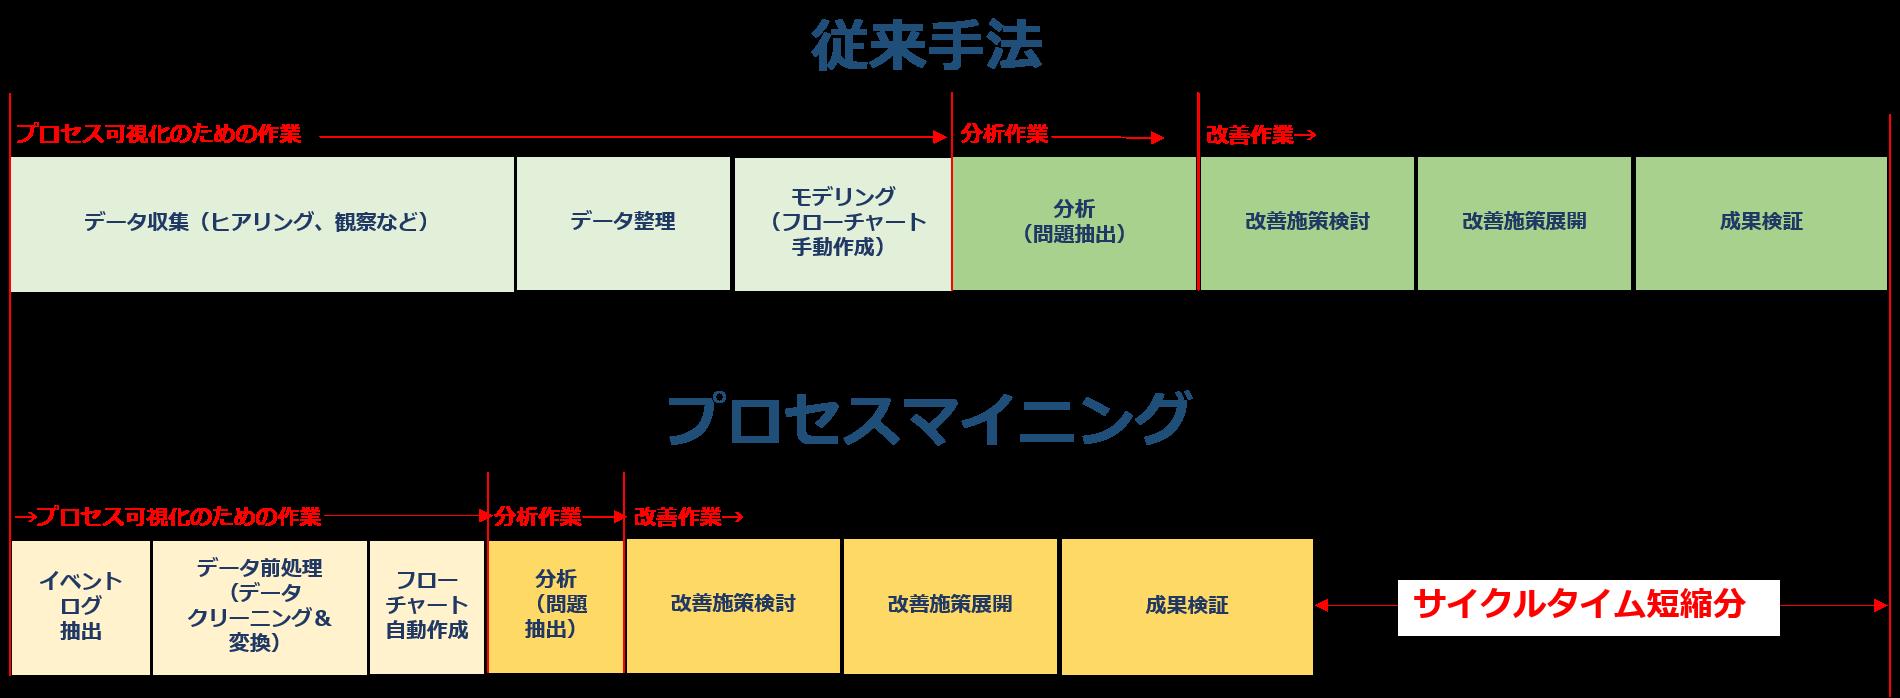 process improvement cycle comparison